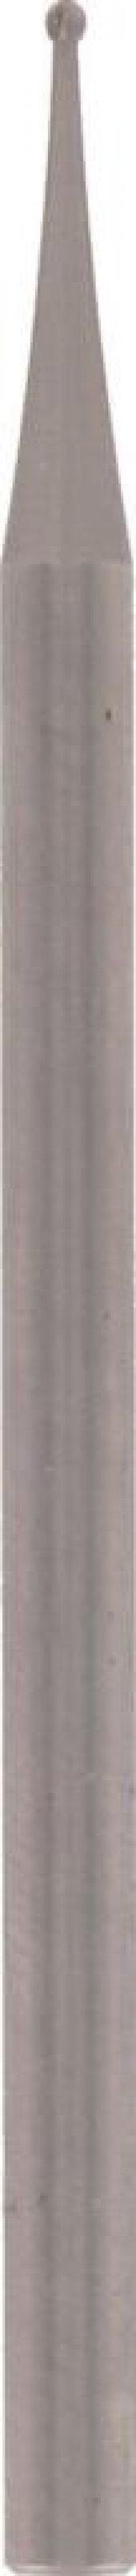 Dremel Gravür Kesici 0,8 Mm (105) (3 Adet)